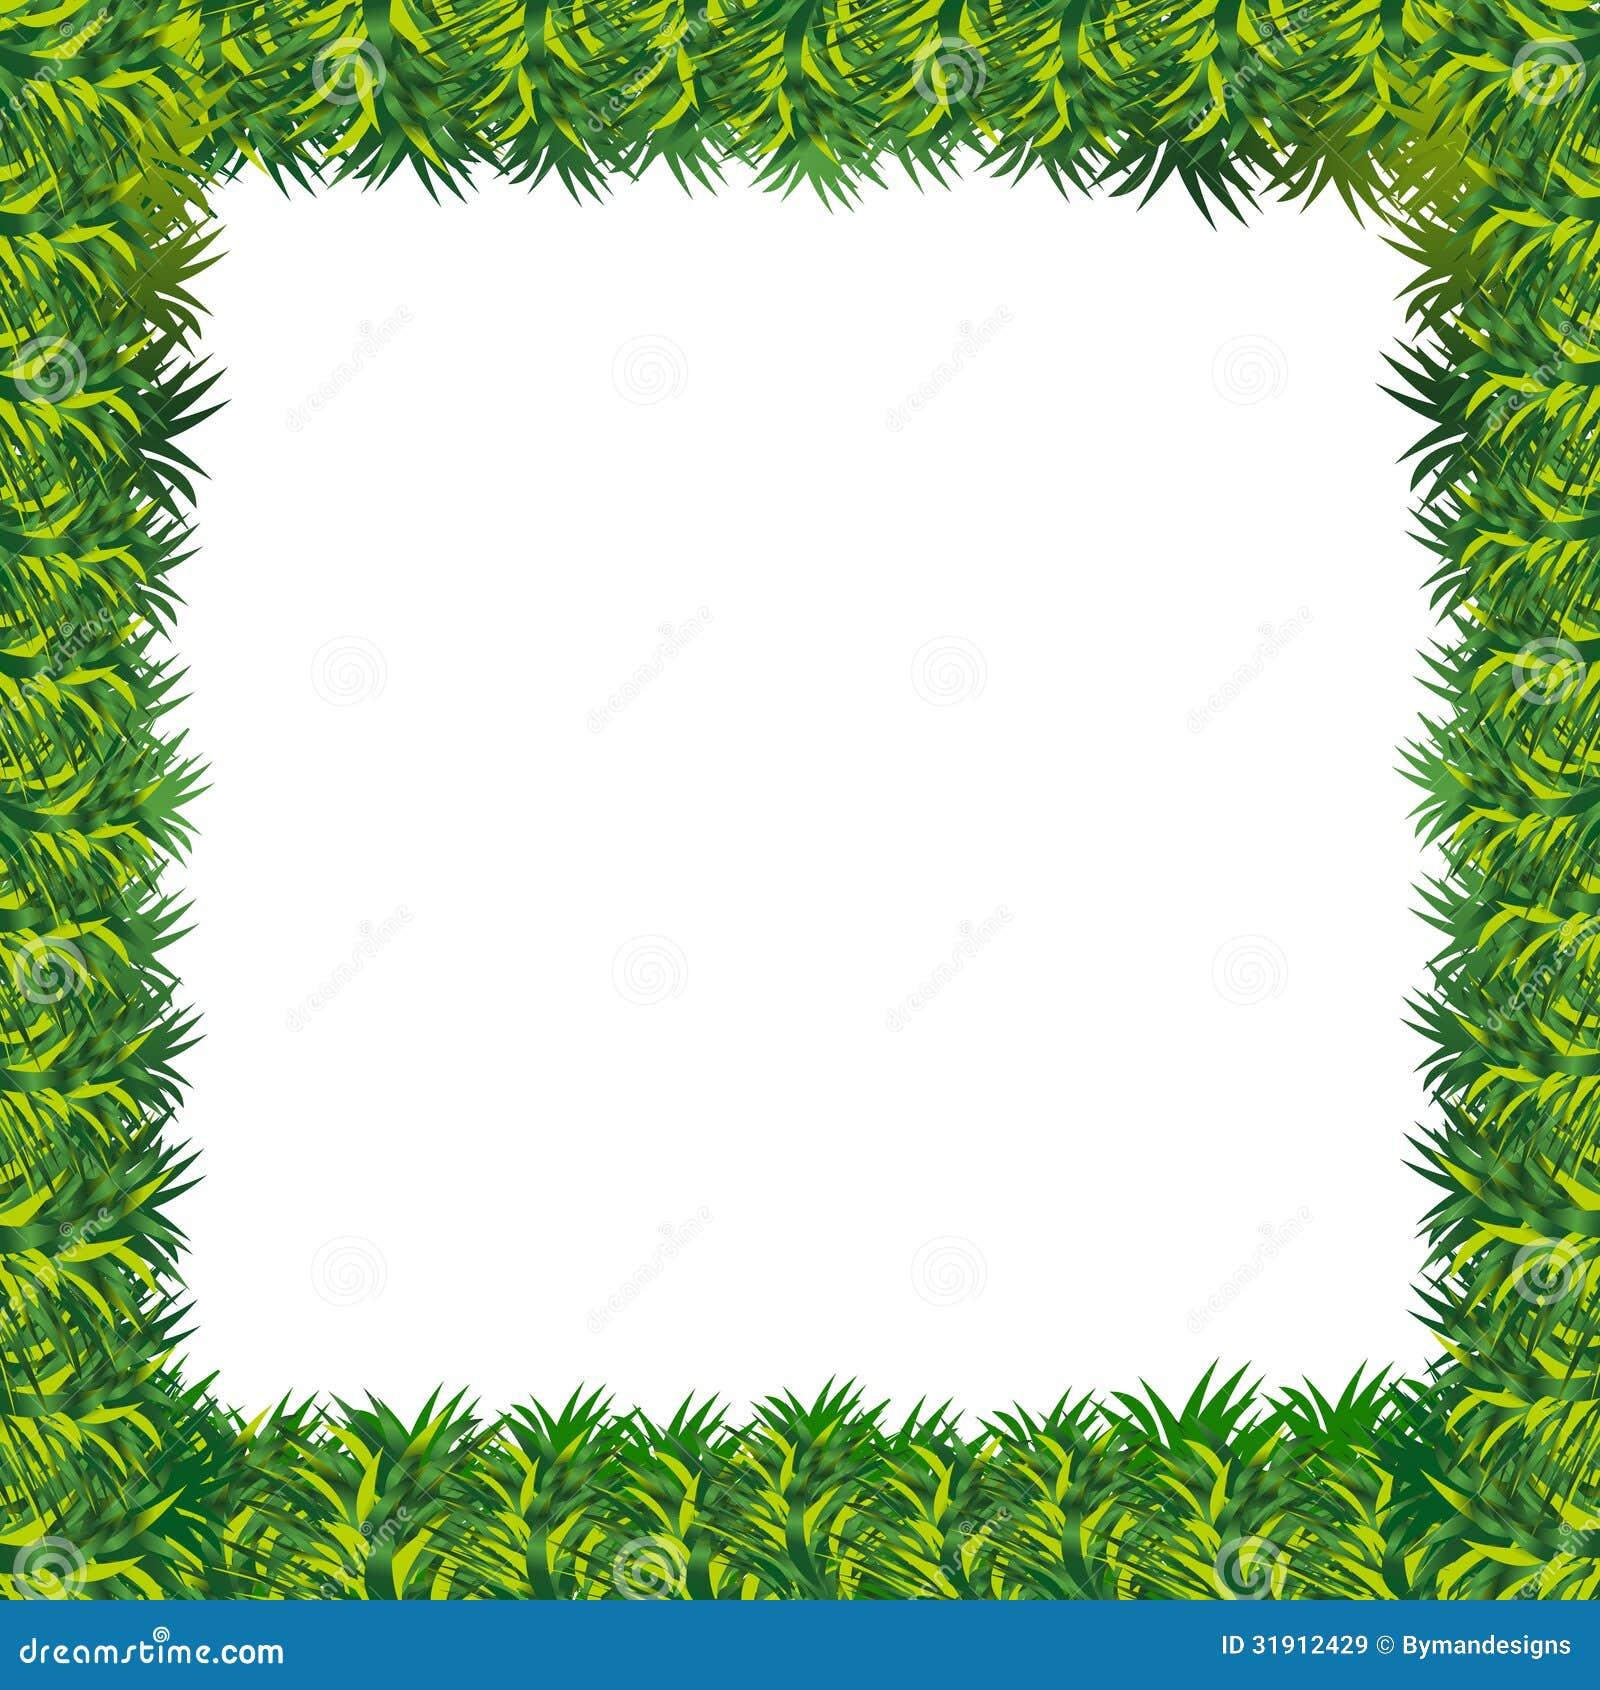 Presentaci n del marco de la hierba del vector im genes de archivo libres de regal as imagen - Marcos para plantas ...